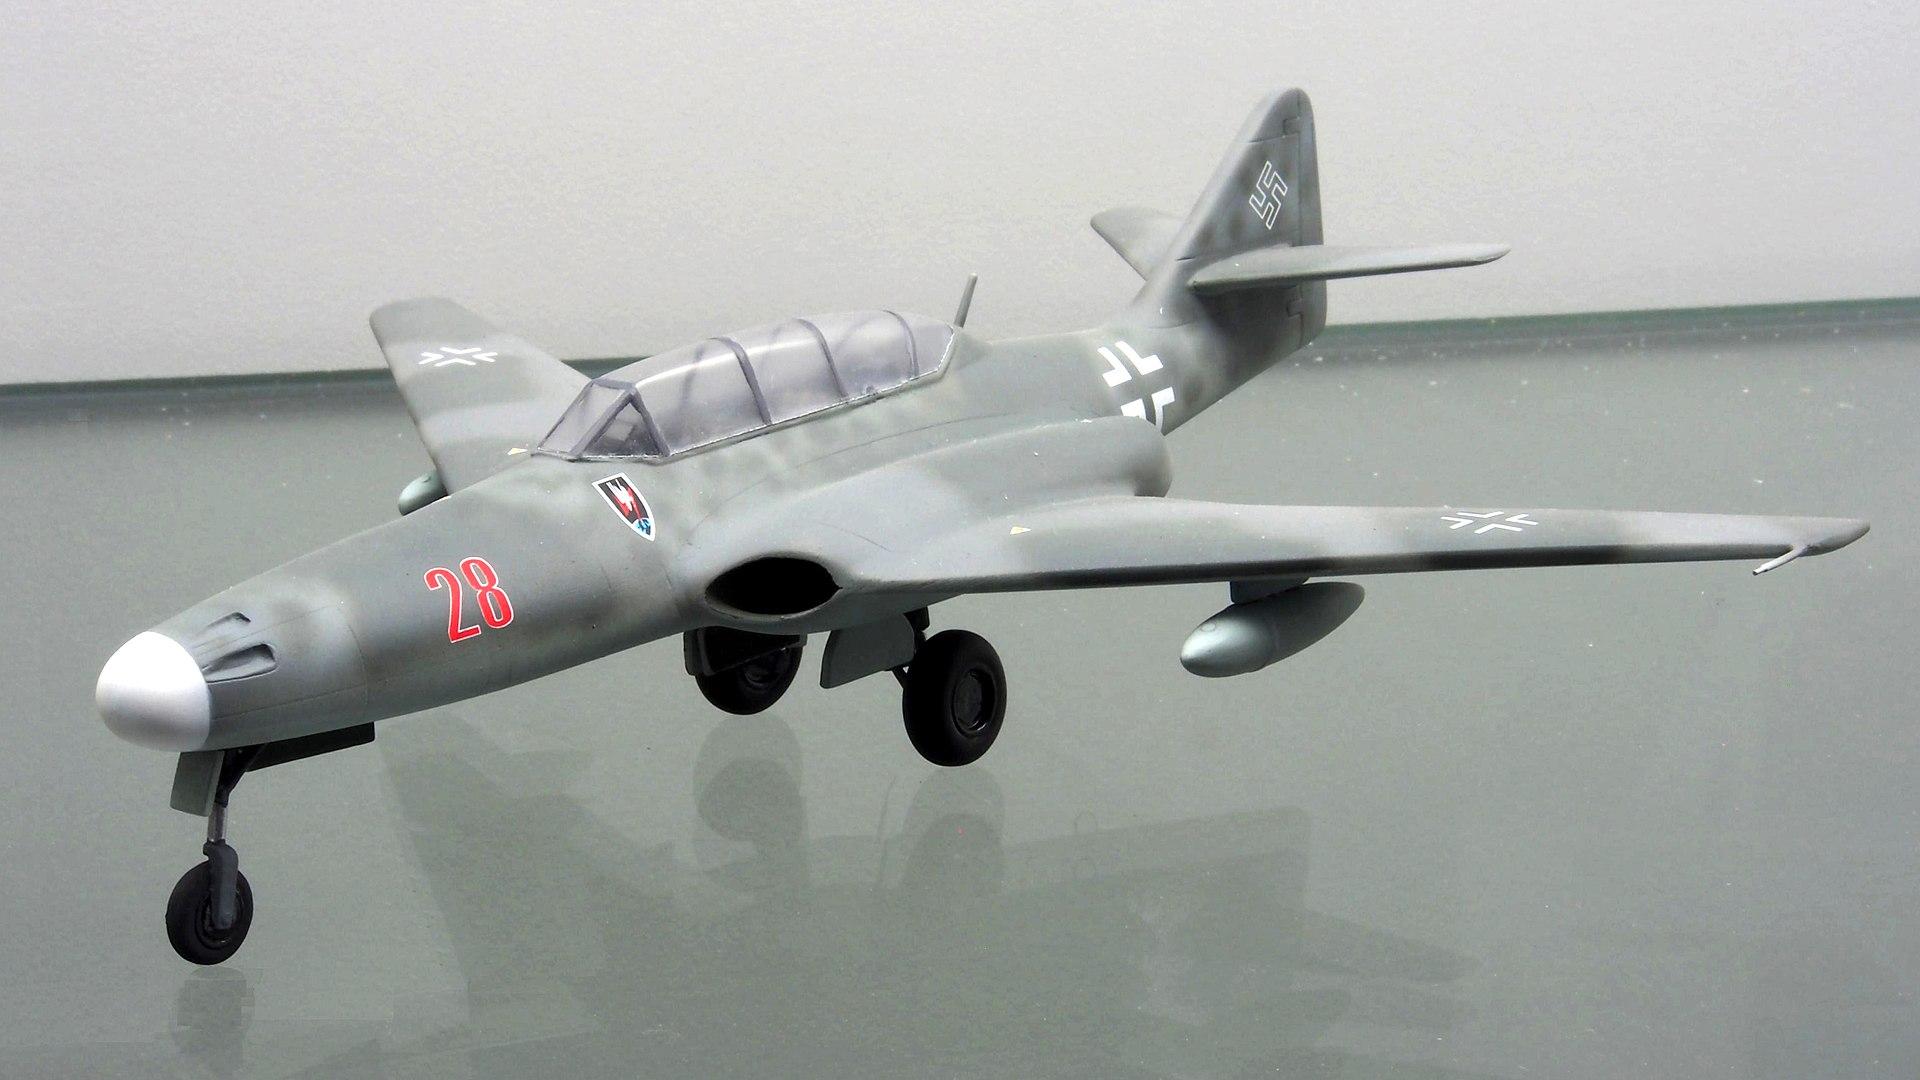 1920px-Messerschmitt_Me_262_HG_III_pic1.JPG